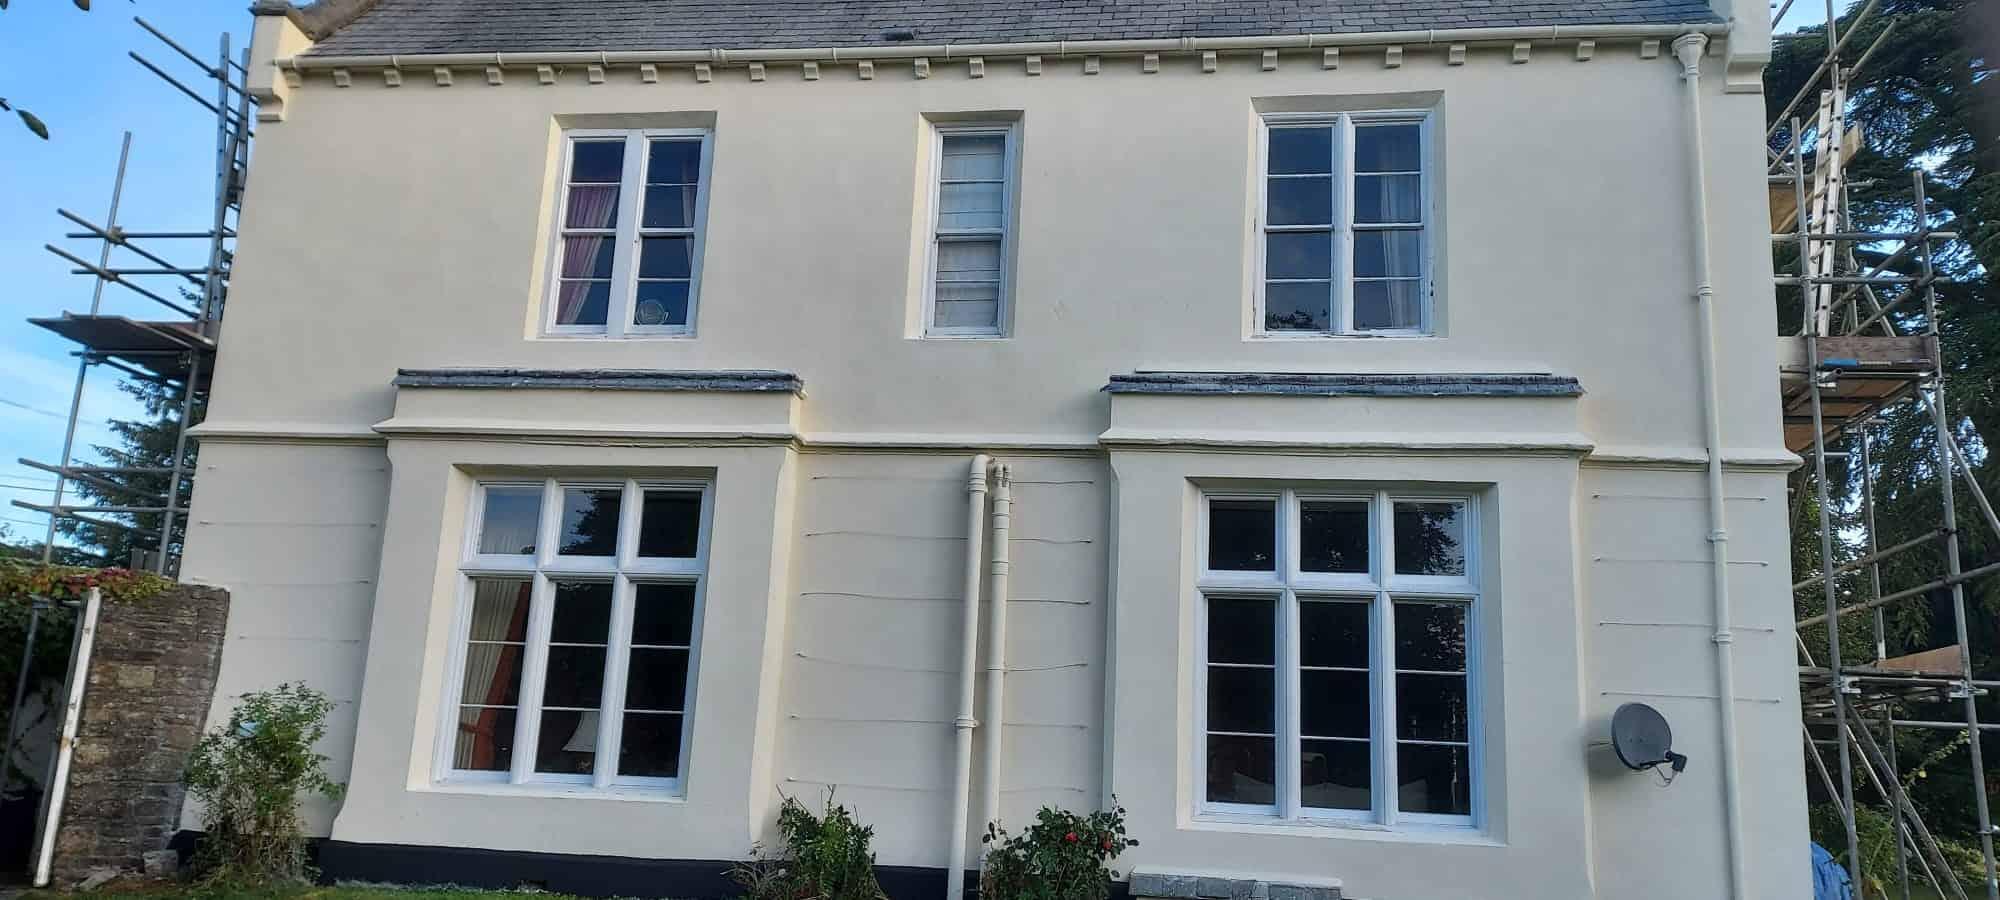 Front of Okehampton house with new wethertex wall coating